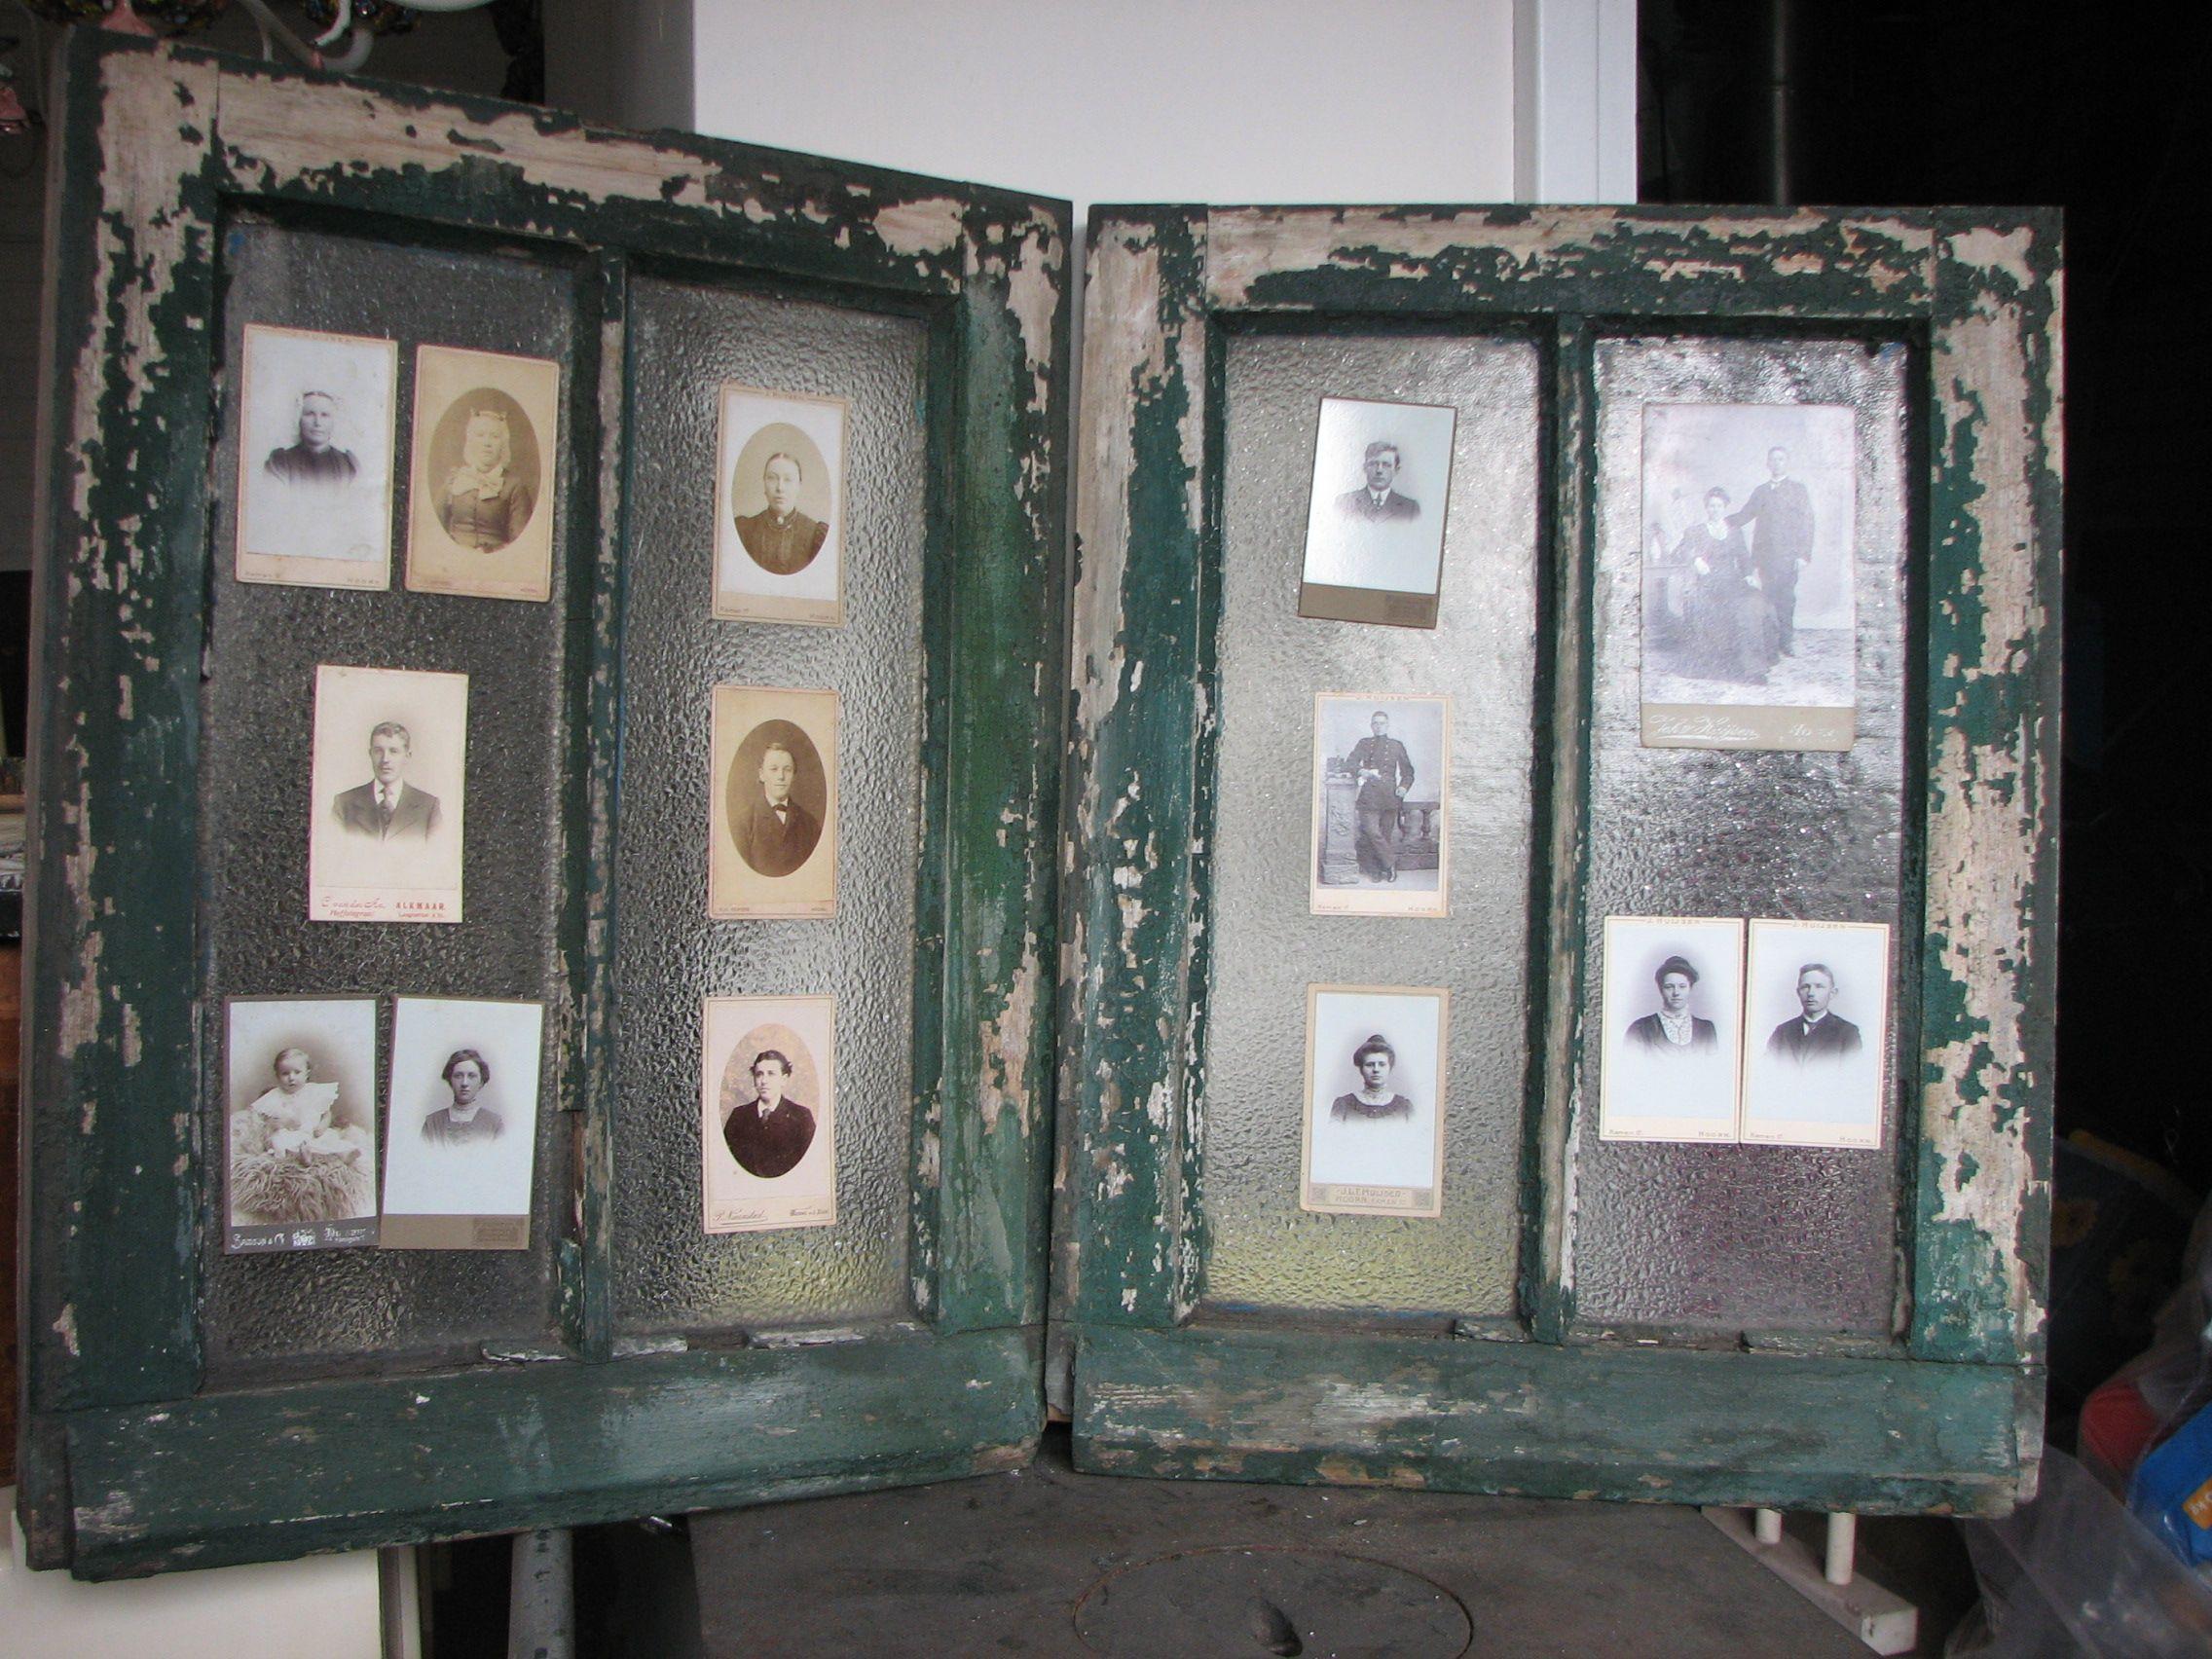 100 jaar terug kon je toch niet bedenken dat je nu bij iemand in huis aan een oud raam hangt als - Oude huisdecoratie ...